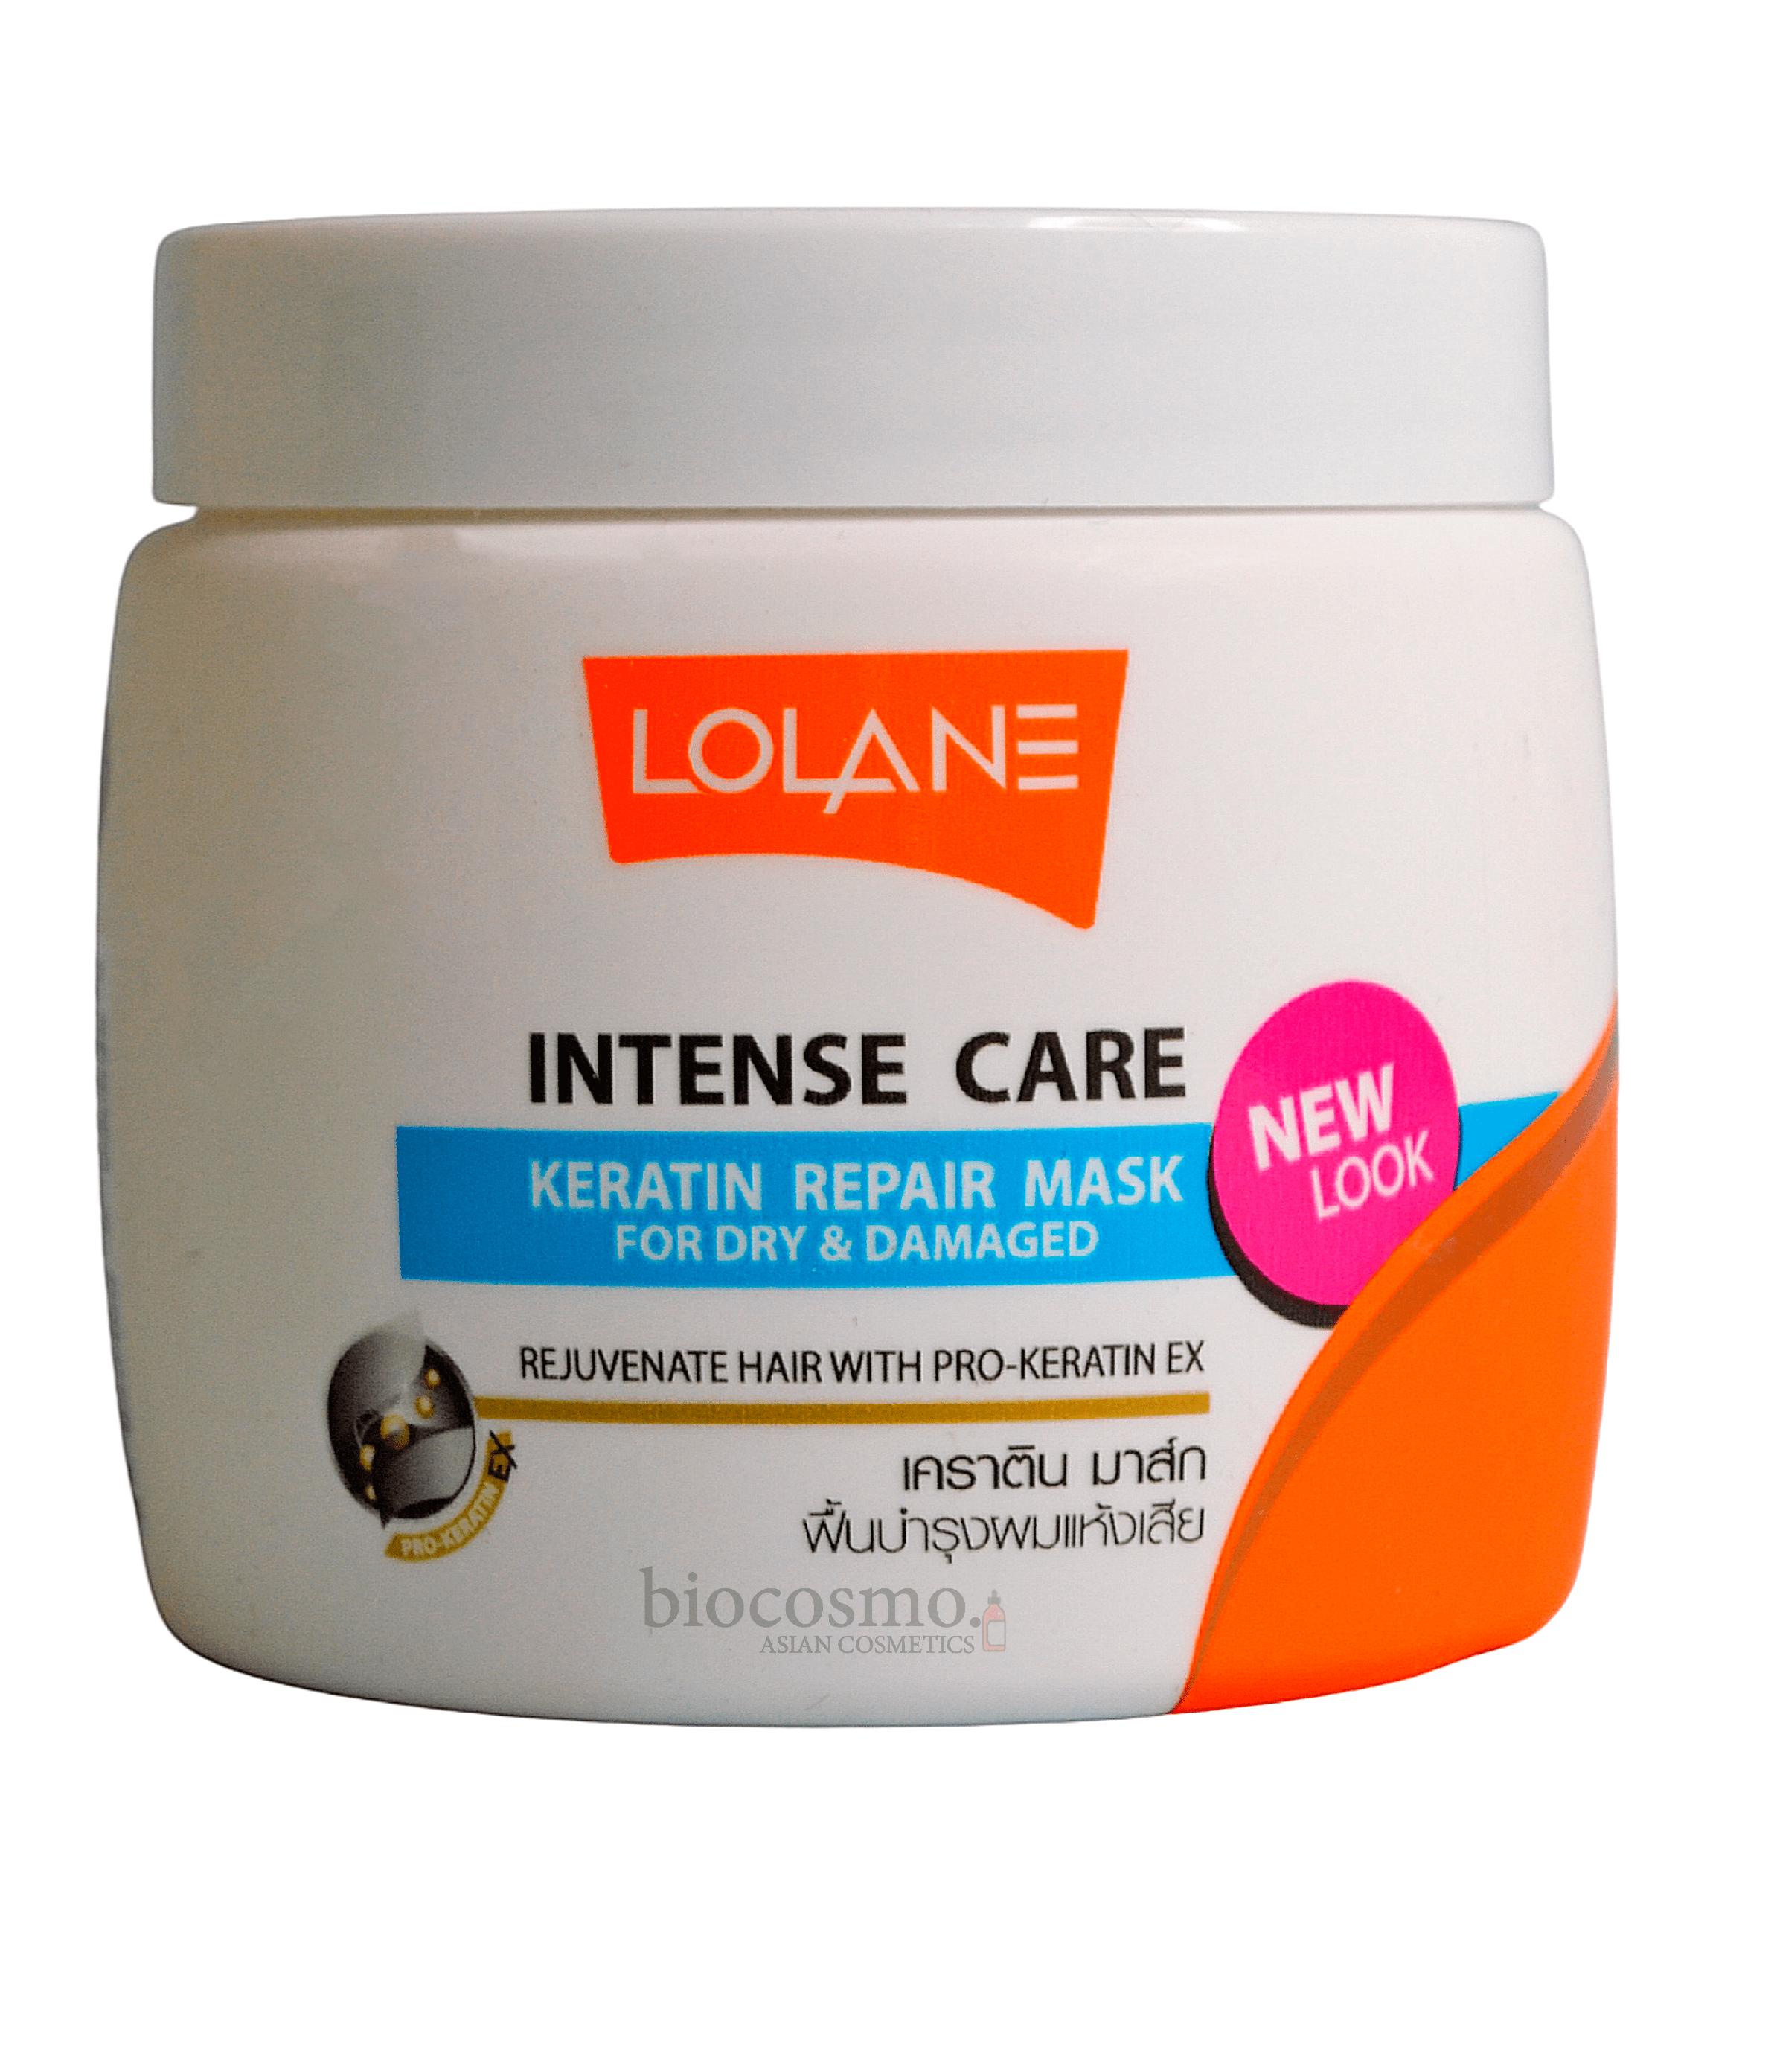 Кератиновая маска для поврежденных волос LOLANE Intense Care Keratin Repair Mask - 200 мл